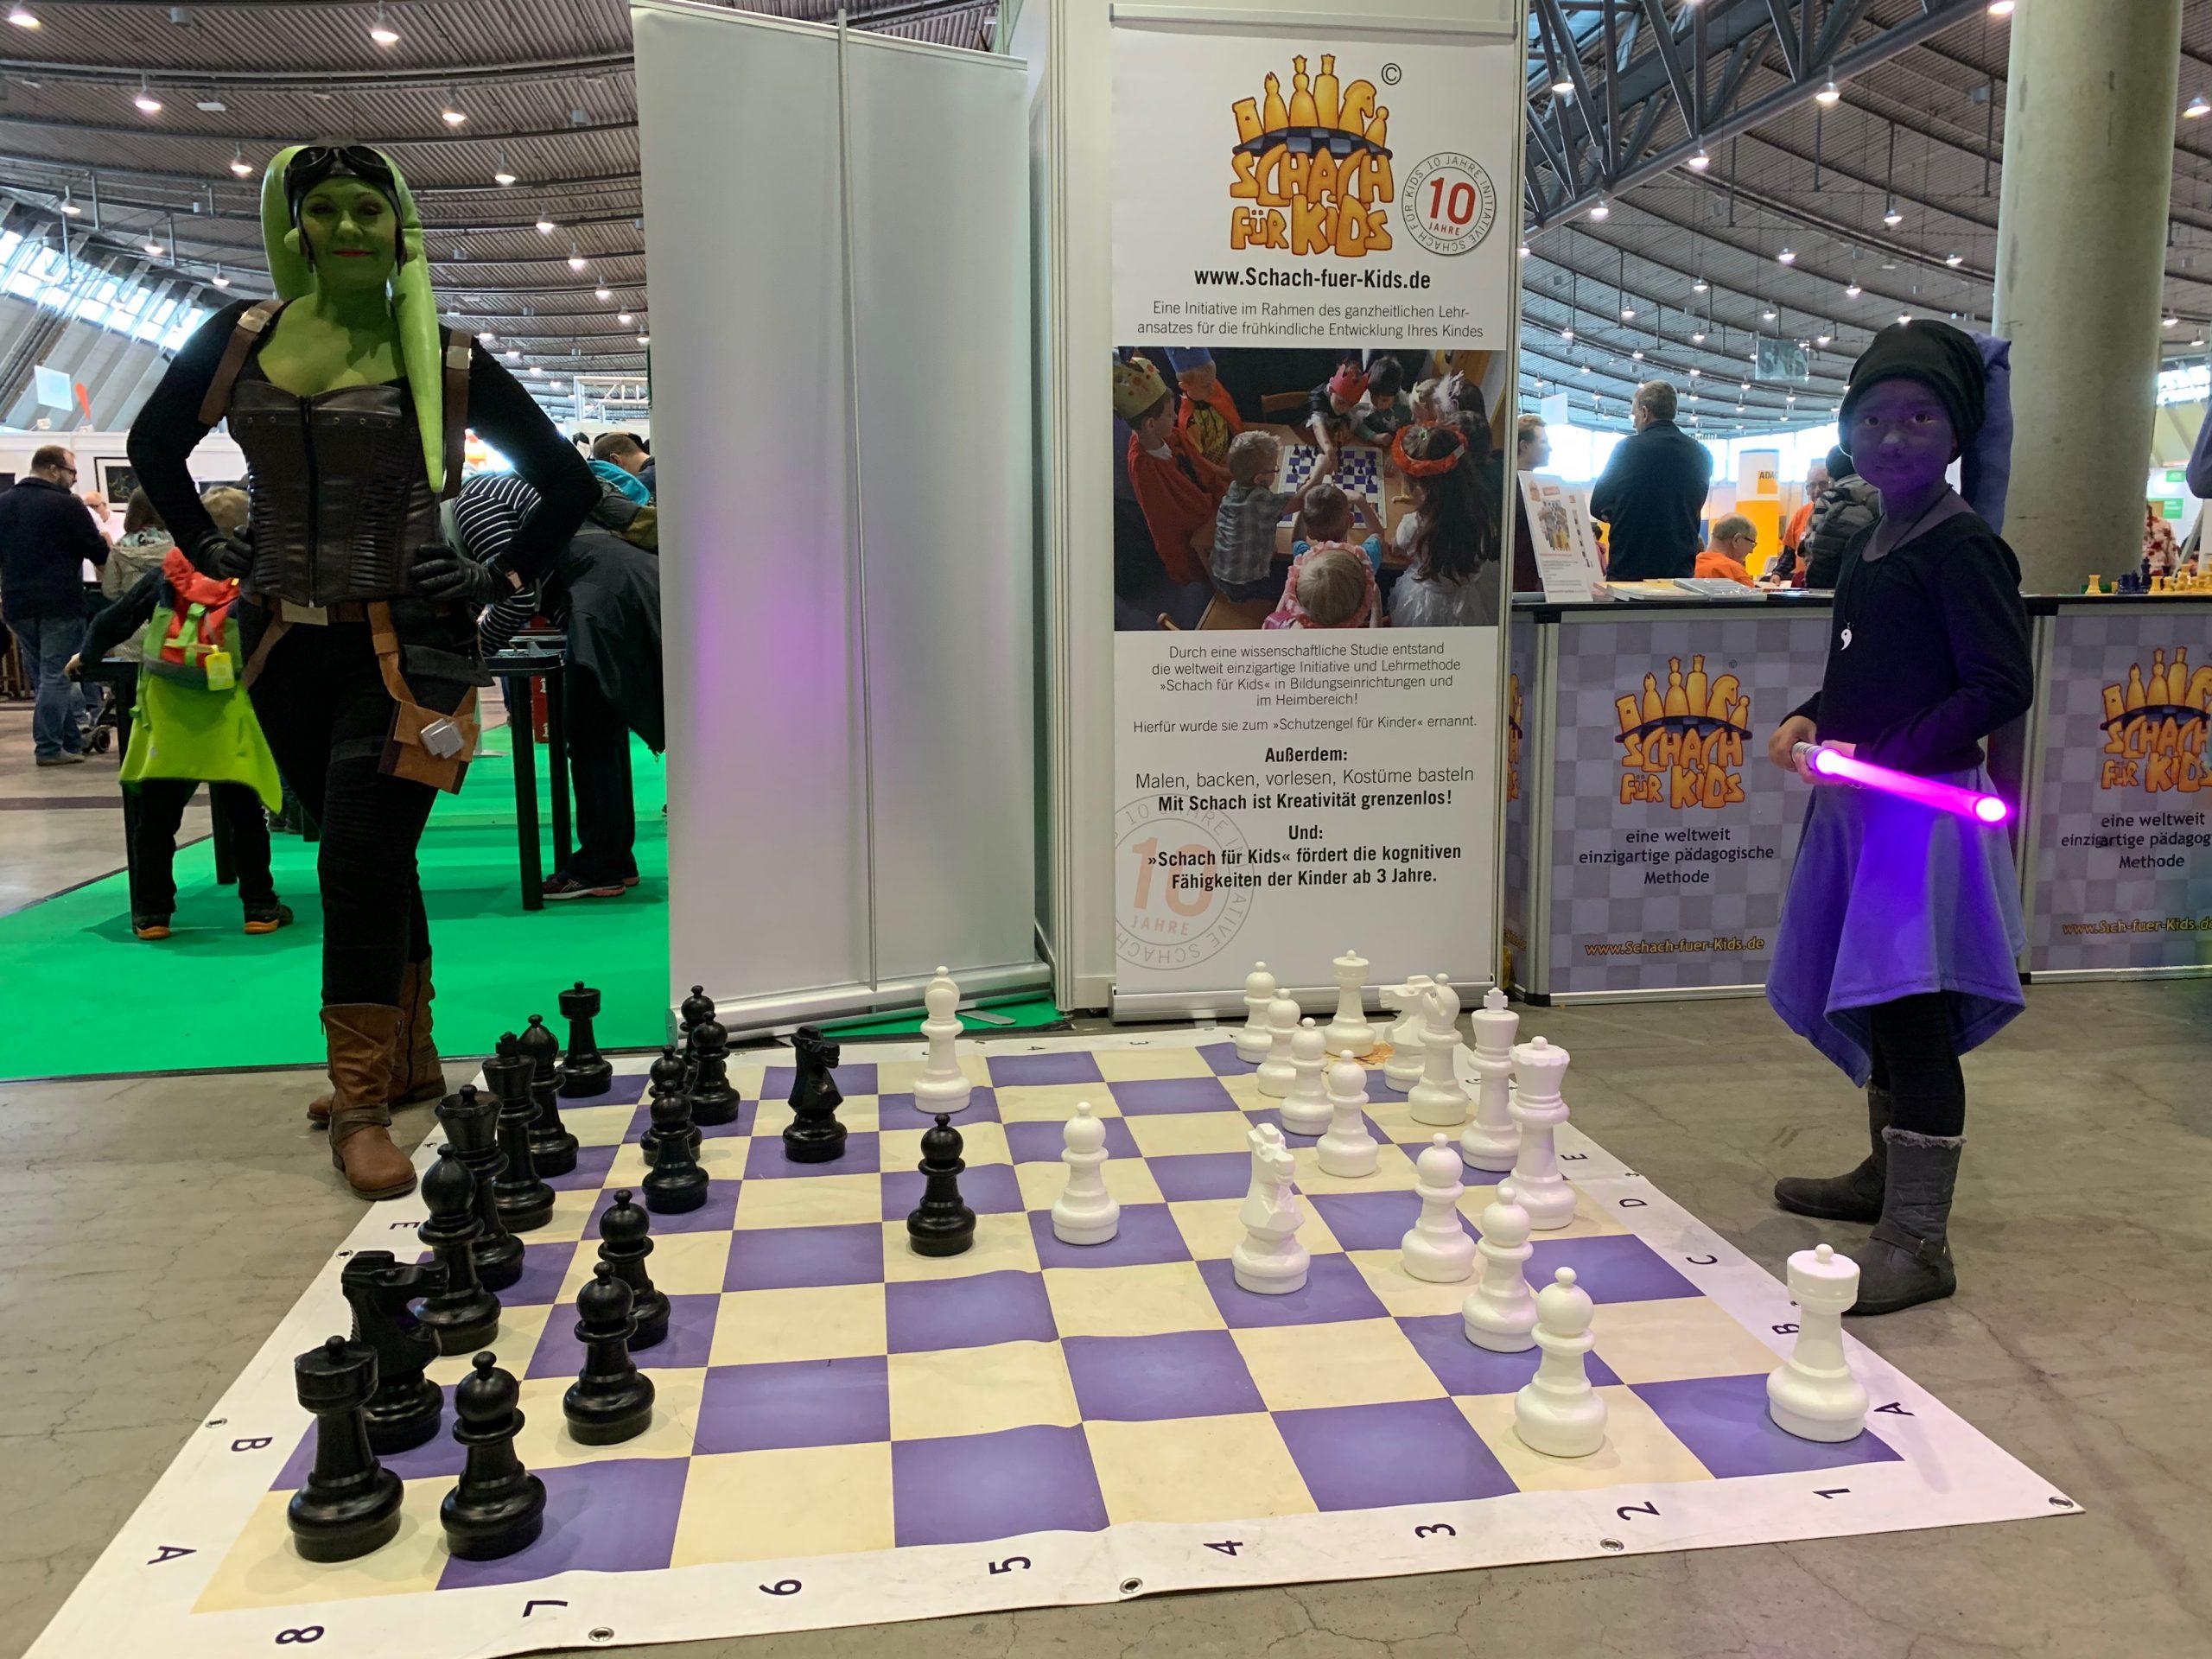 Schach für Kids auf der Spielemesse Stuttgart